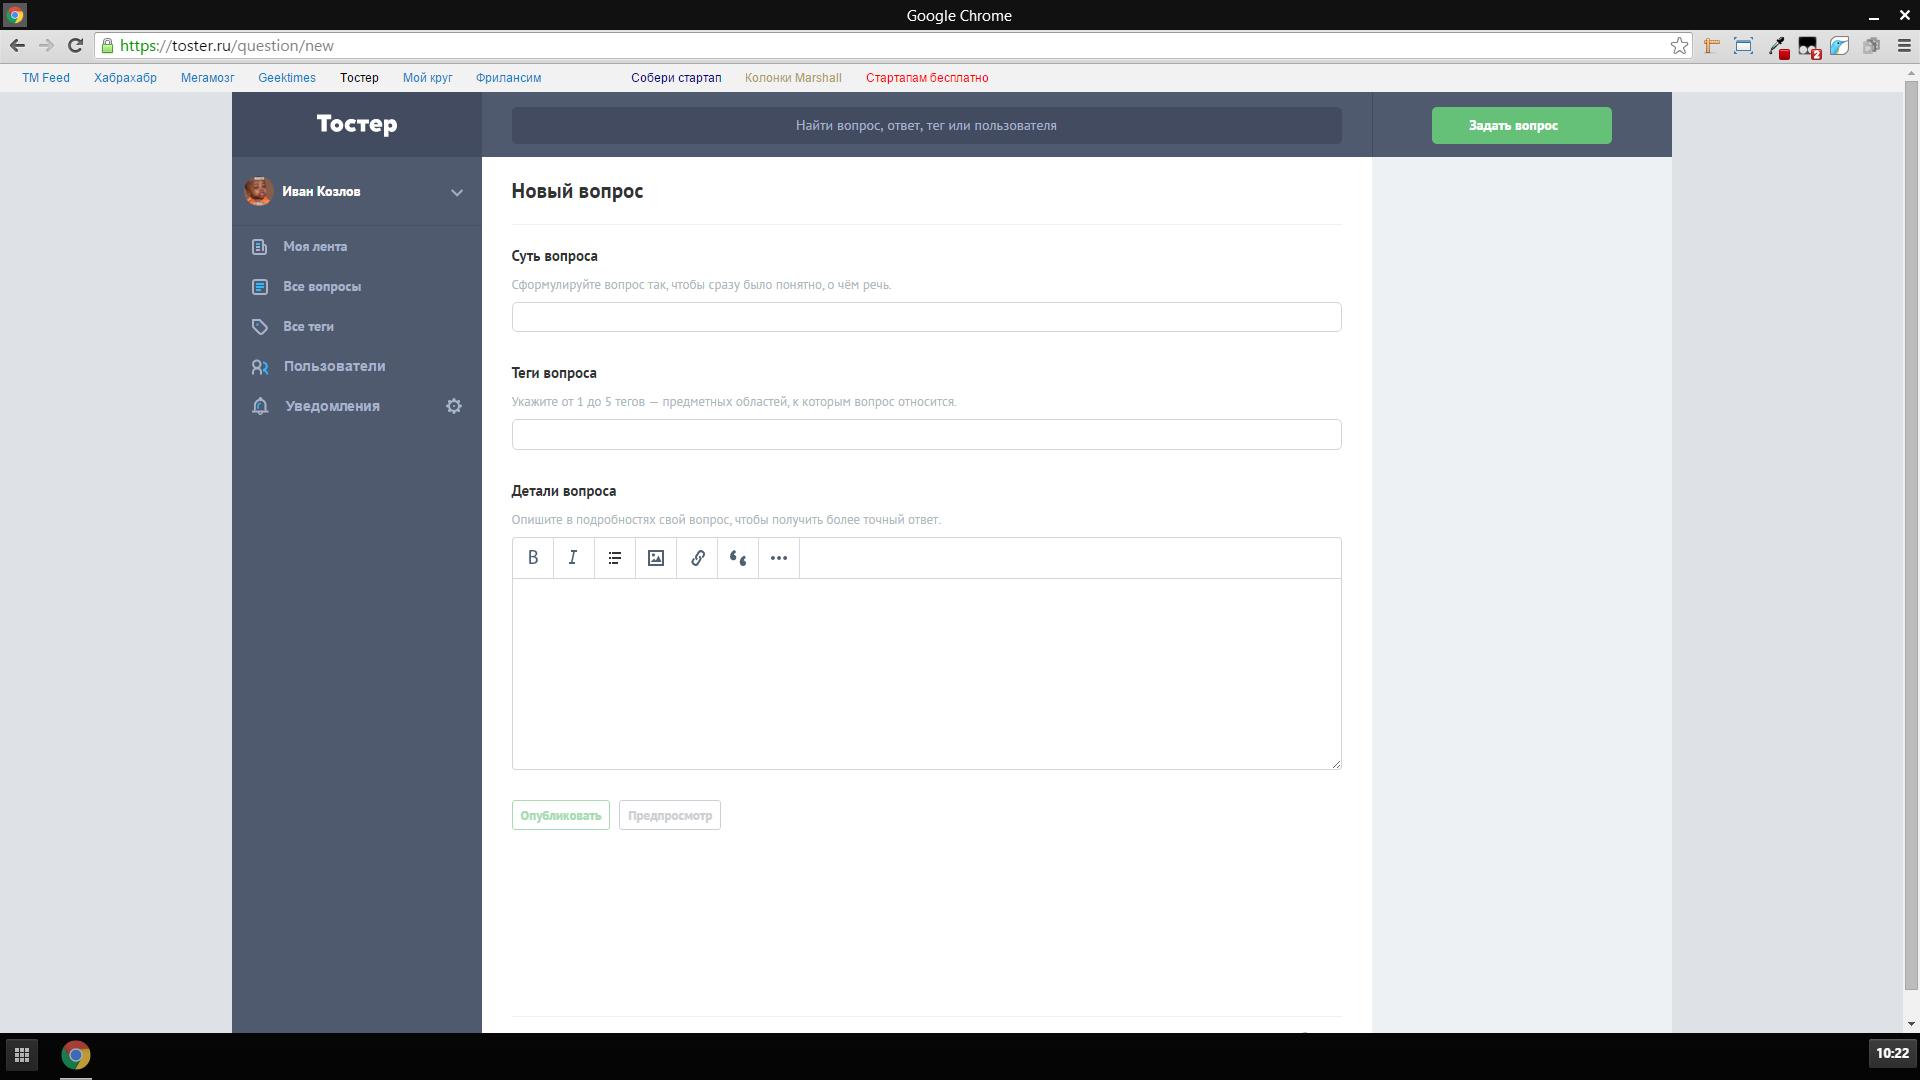 Как сделать окно браузера на полный экран? - Линчакин 48